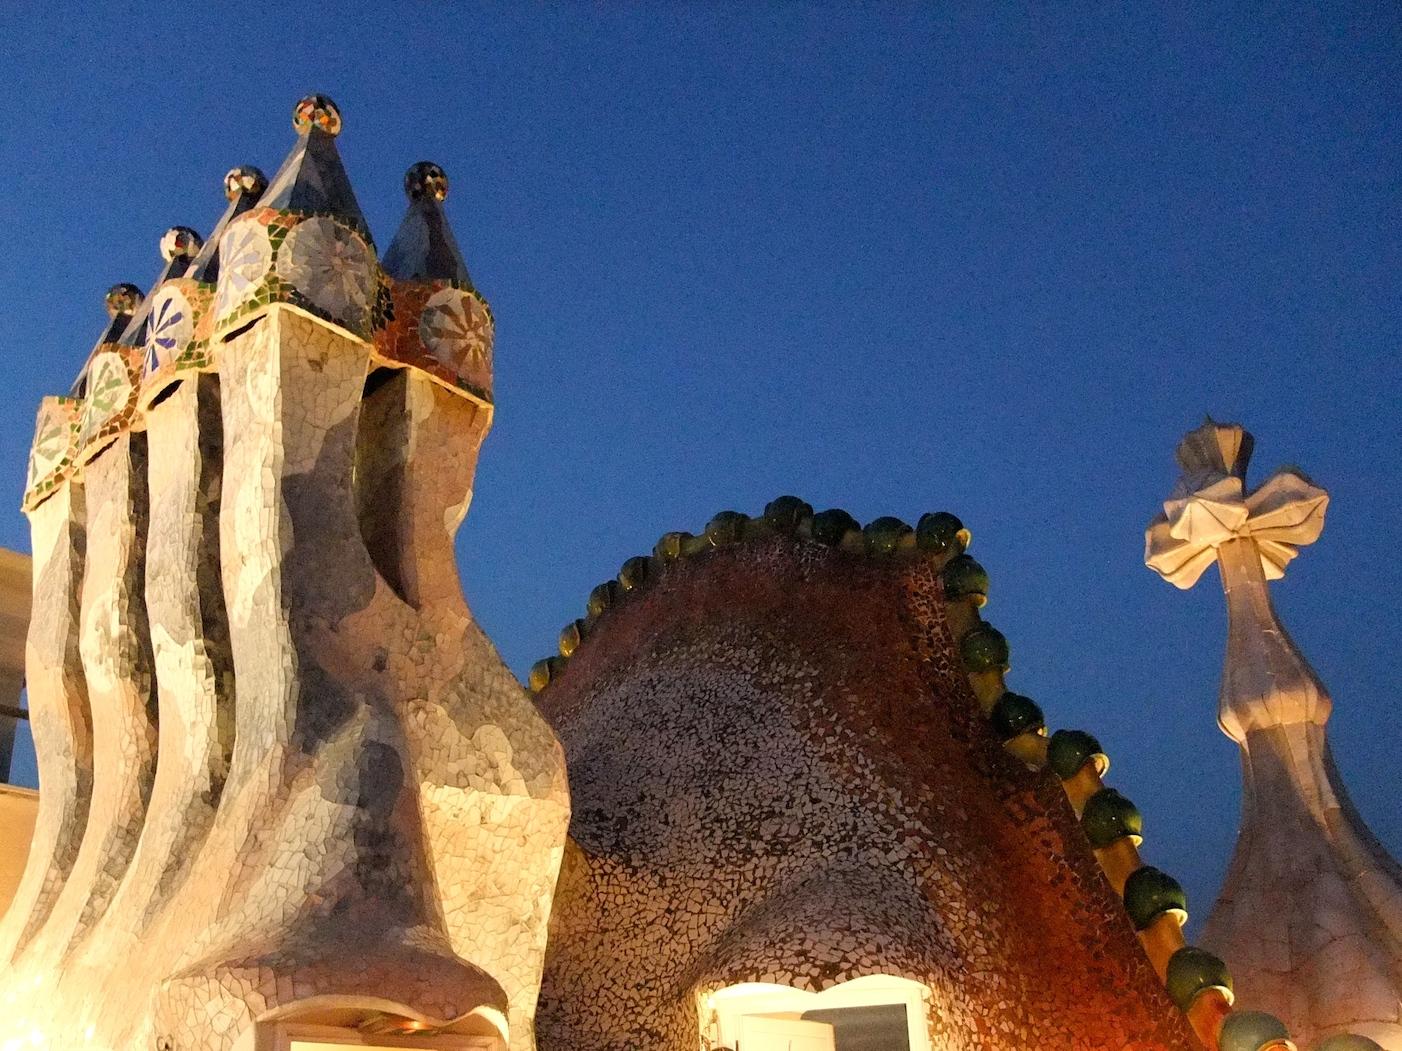 The roof of Casa Batlló